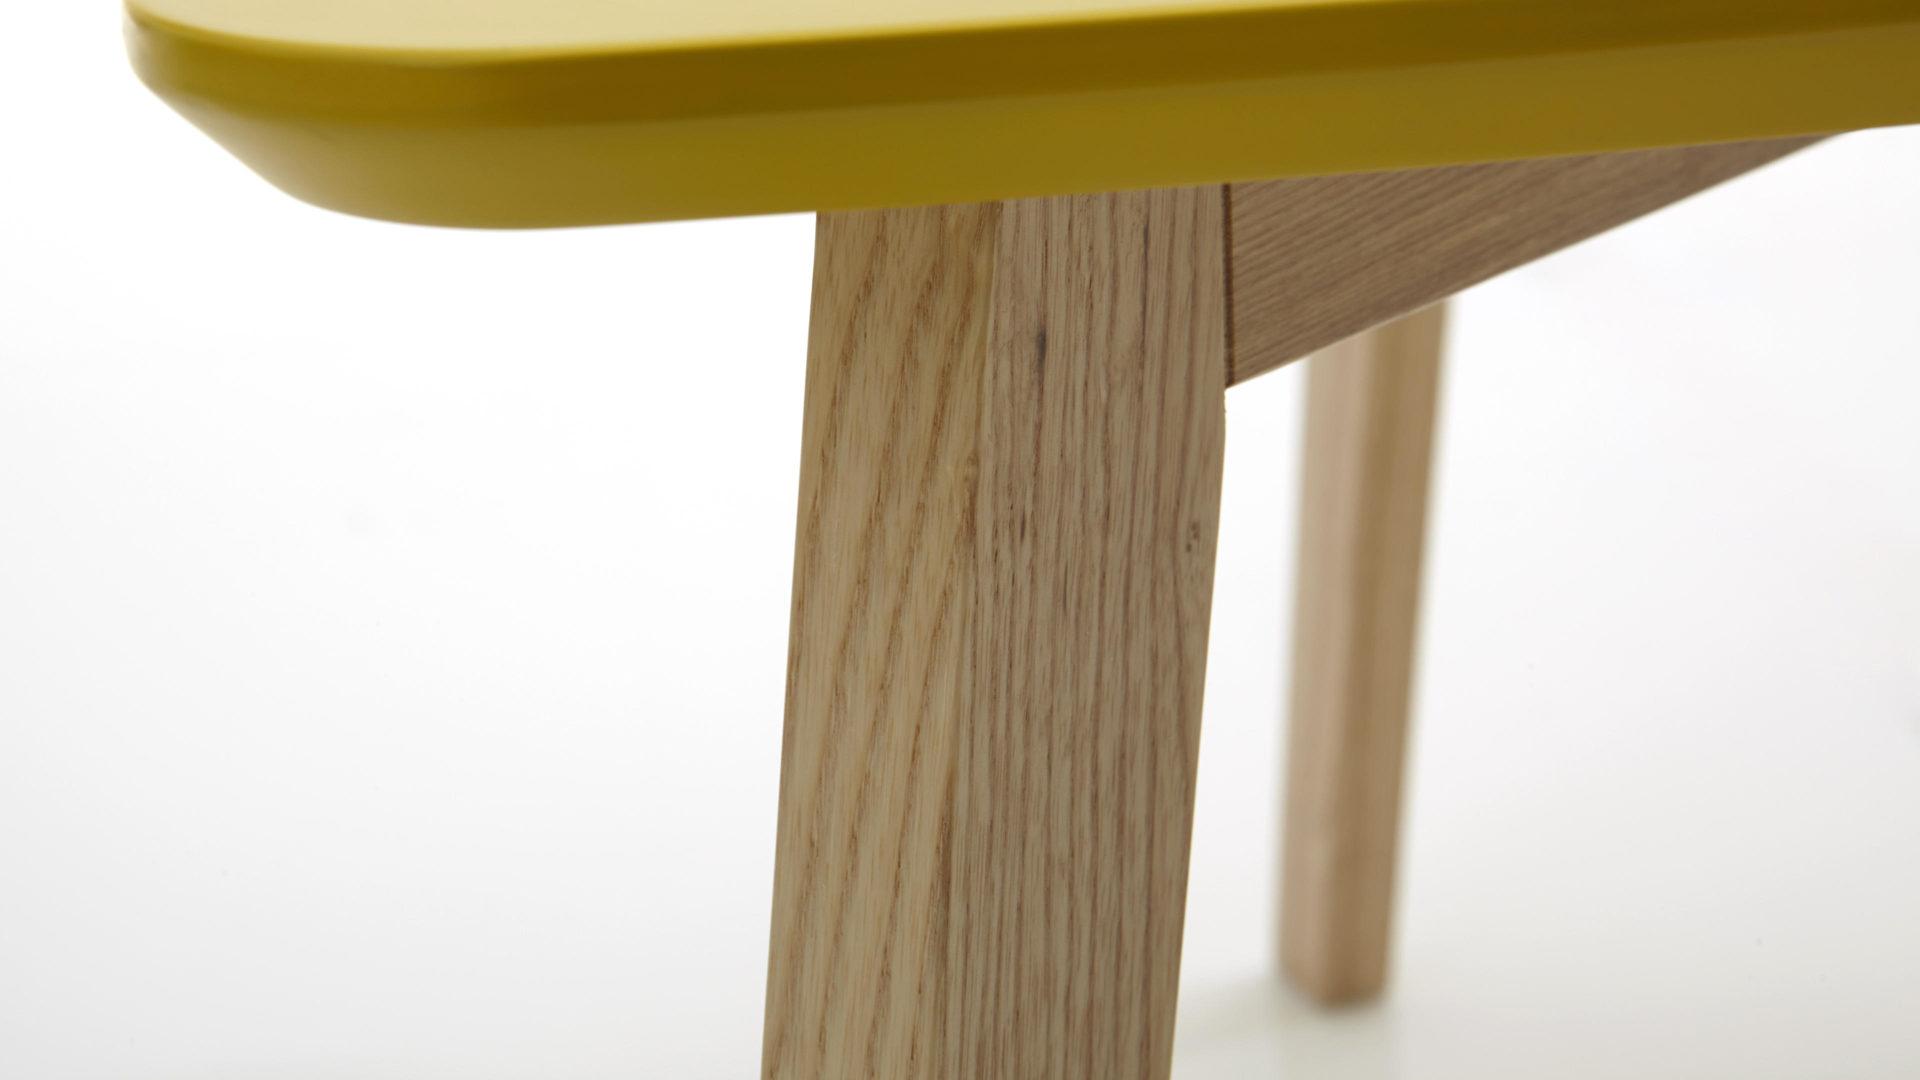 Möbel Eilers Apen, Räume, Wohnzimmer, Couchtische + Beistelltische ...